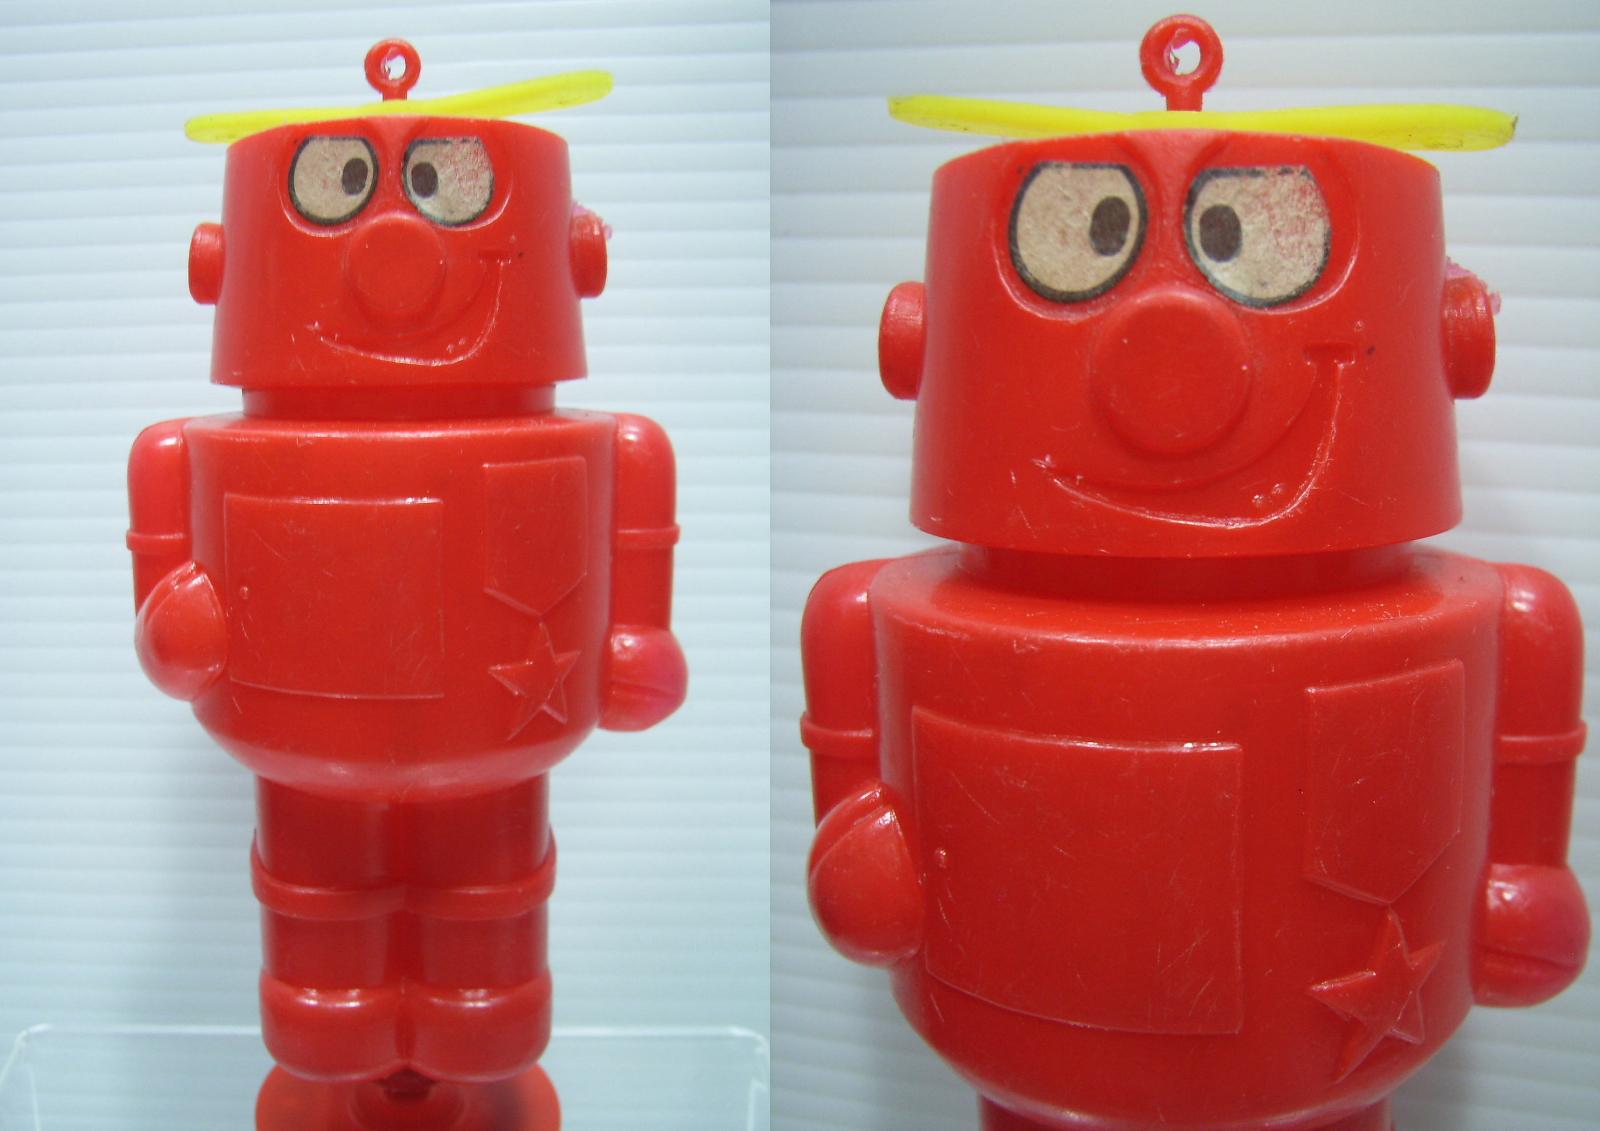 珍品☆ロボタン 人形 貯金箱 赤 14.0cm 当時物 現状 詳細不明 【TO3074】